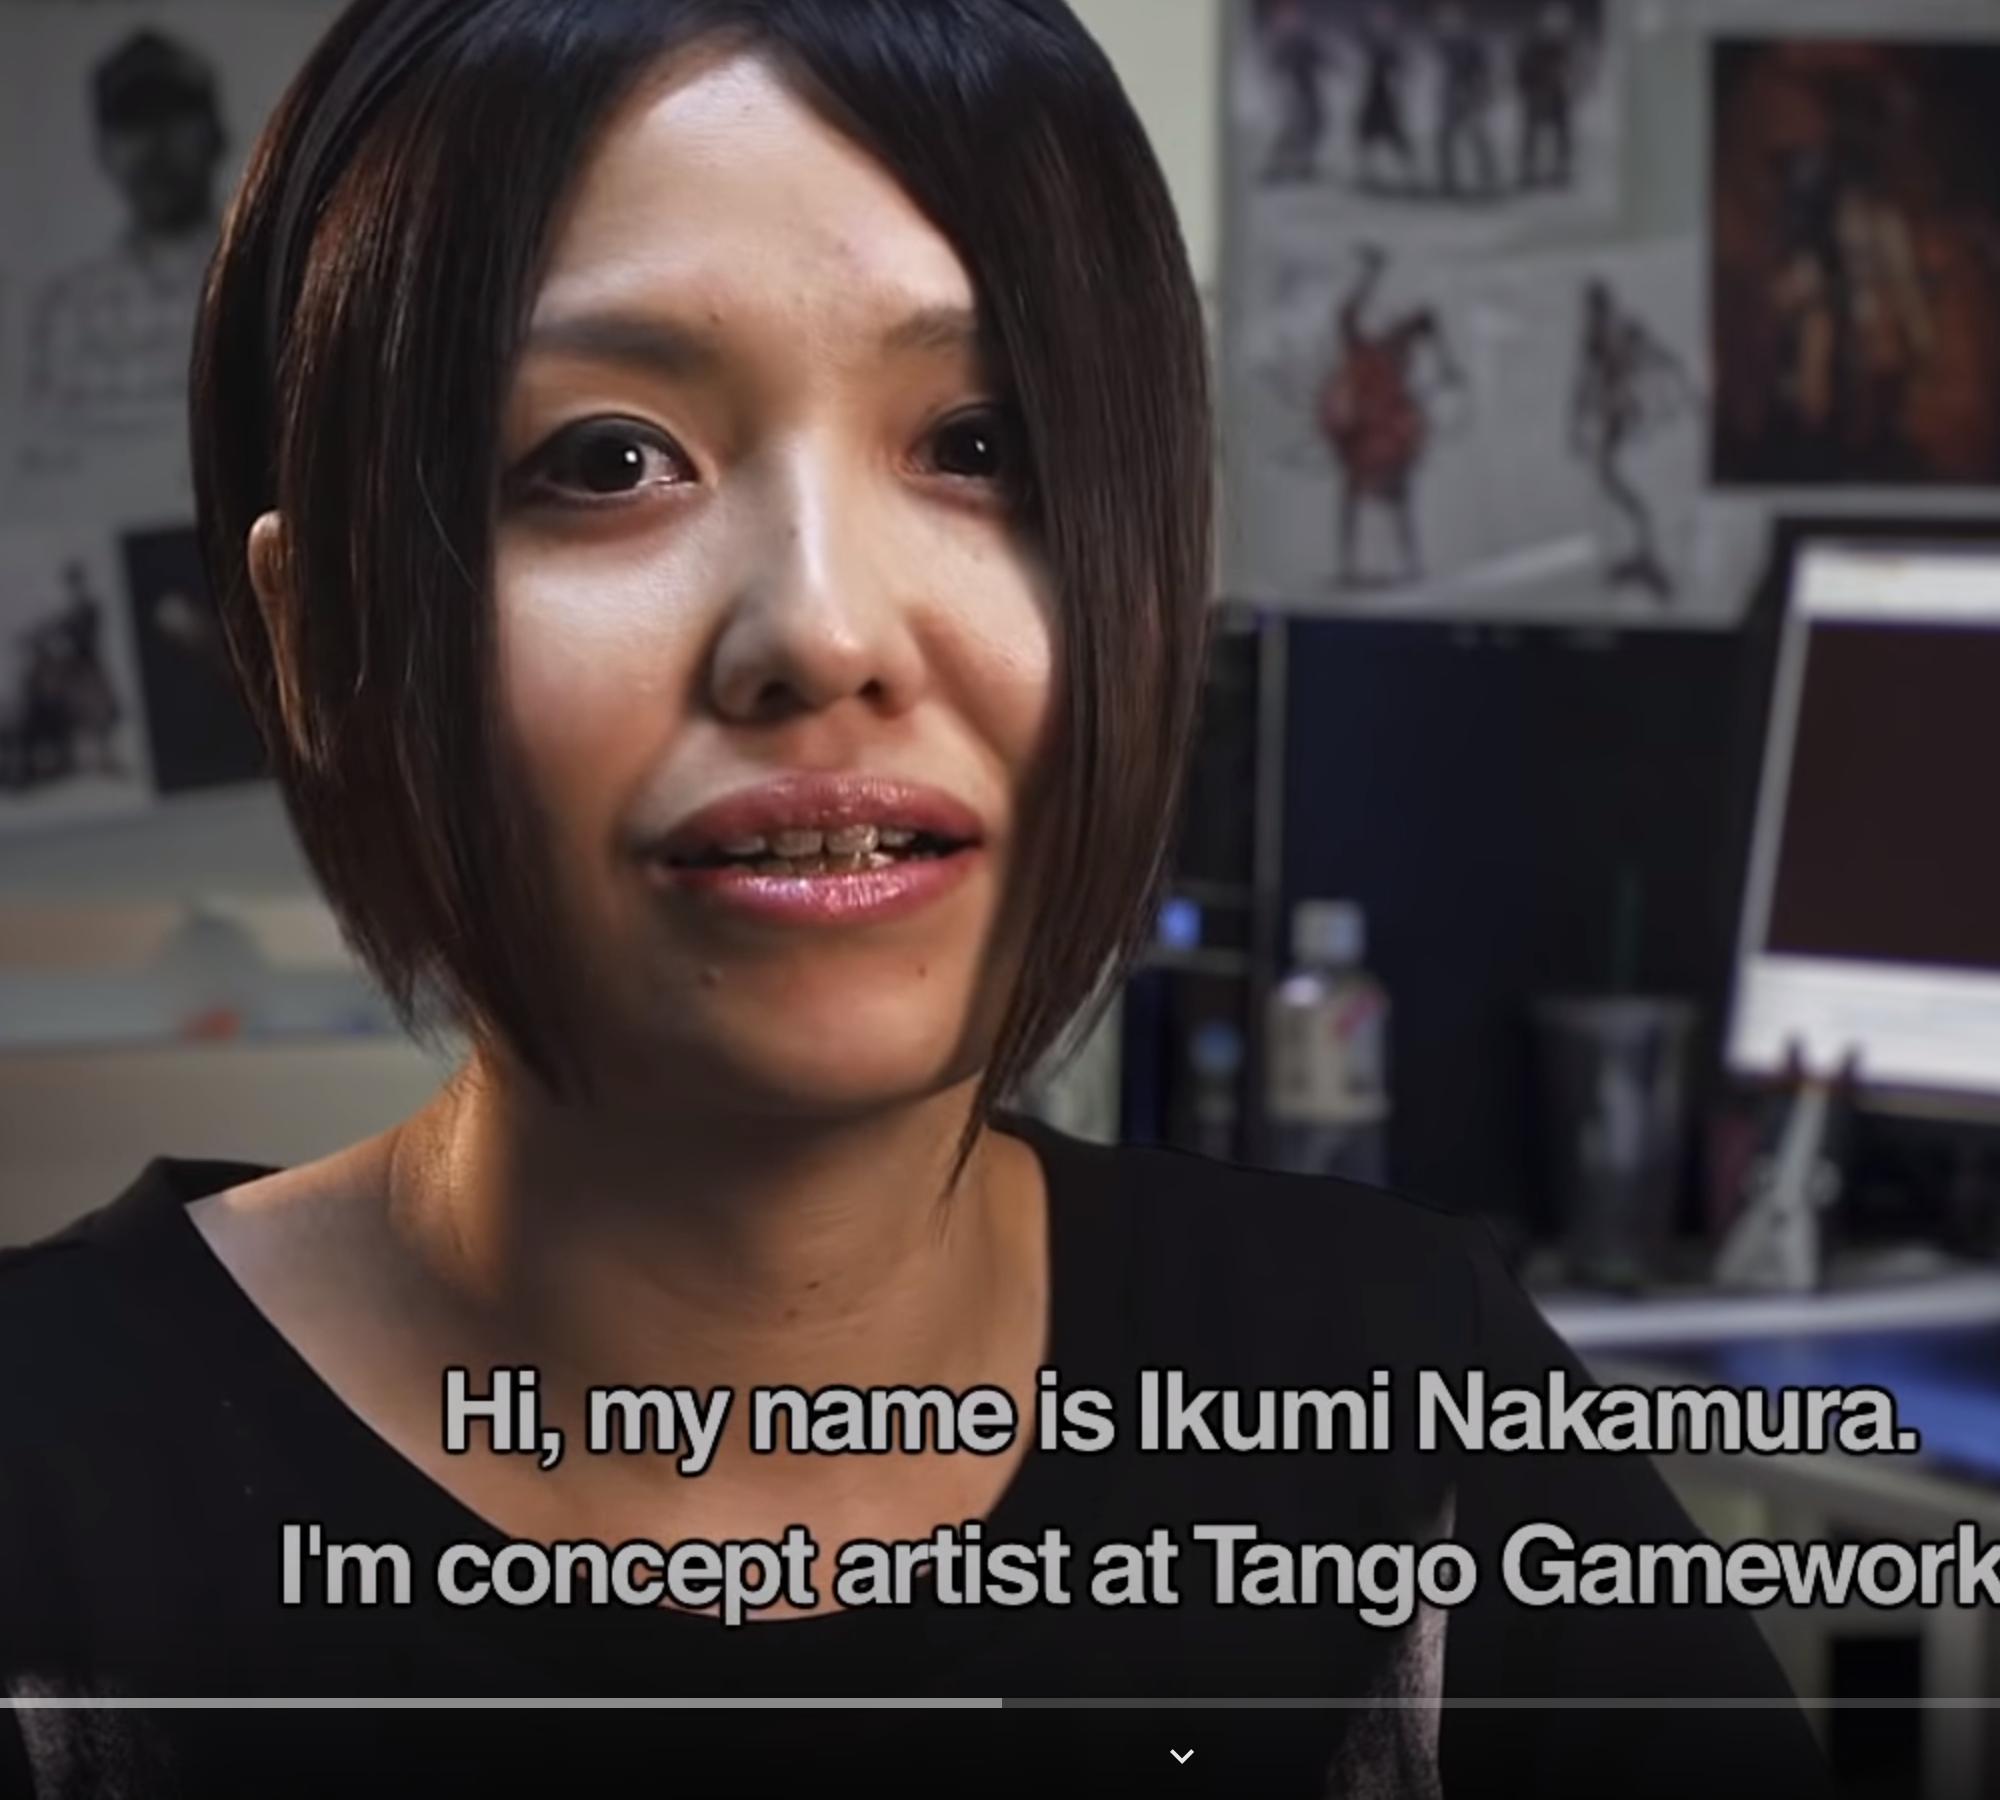 2 18 - 【画像】とある日本人女性、『E3』にてめちゃくちゃ注目を浴びてしまう 世界中でトレンドに